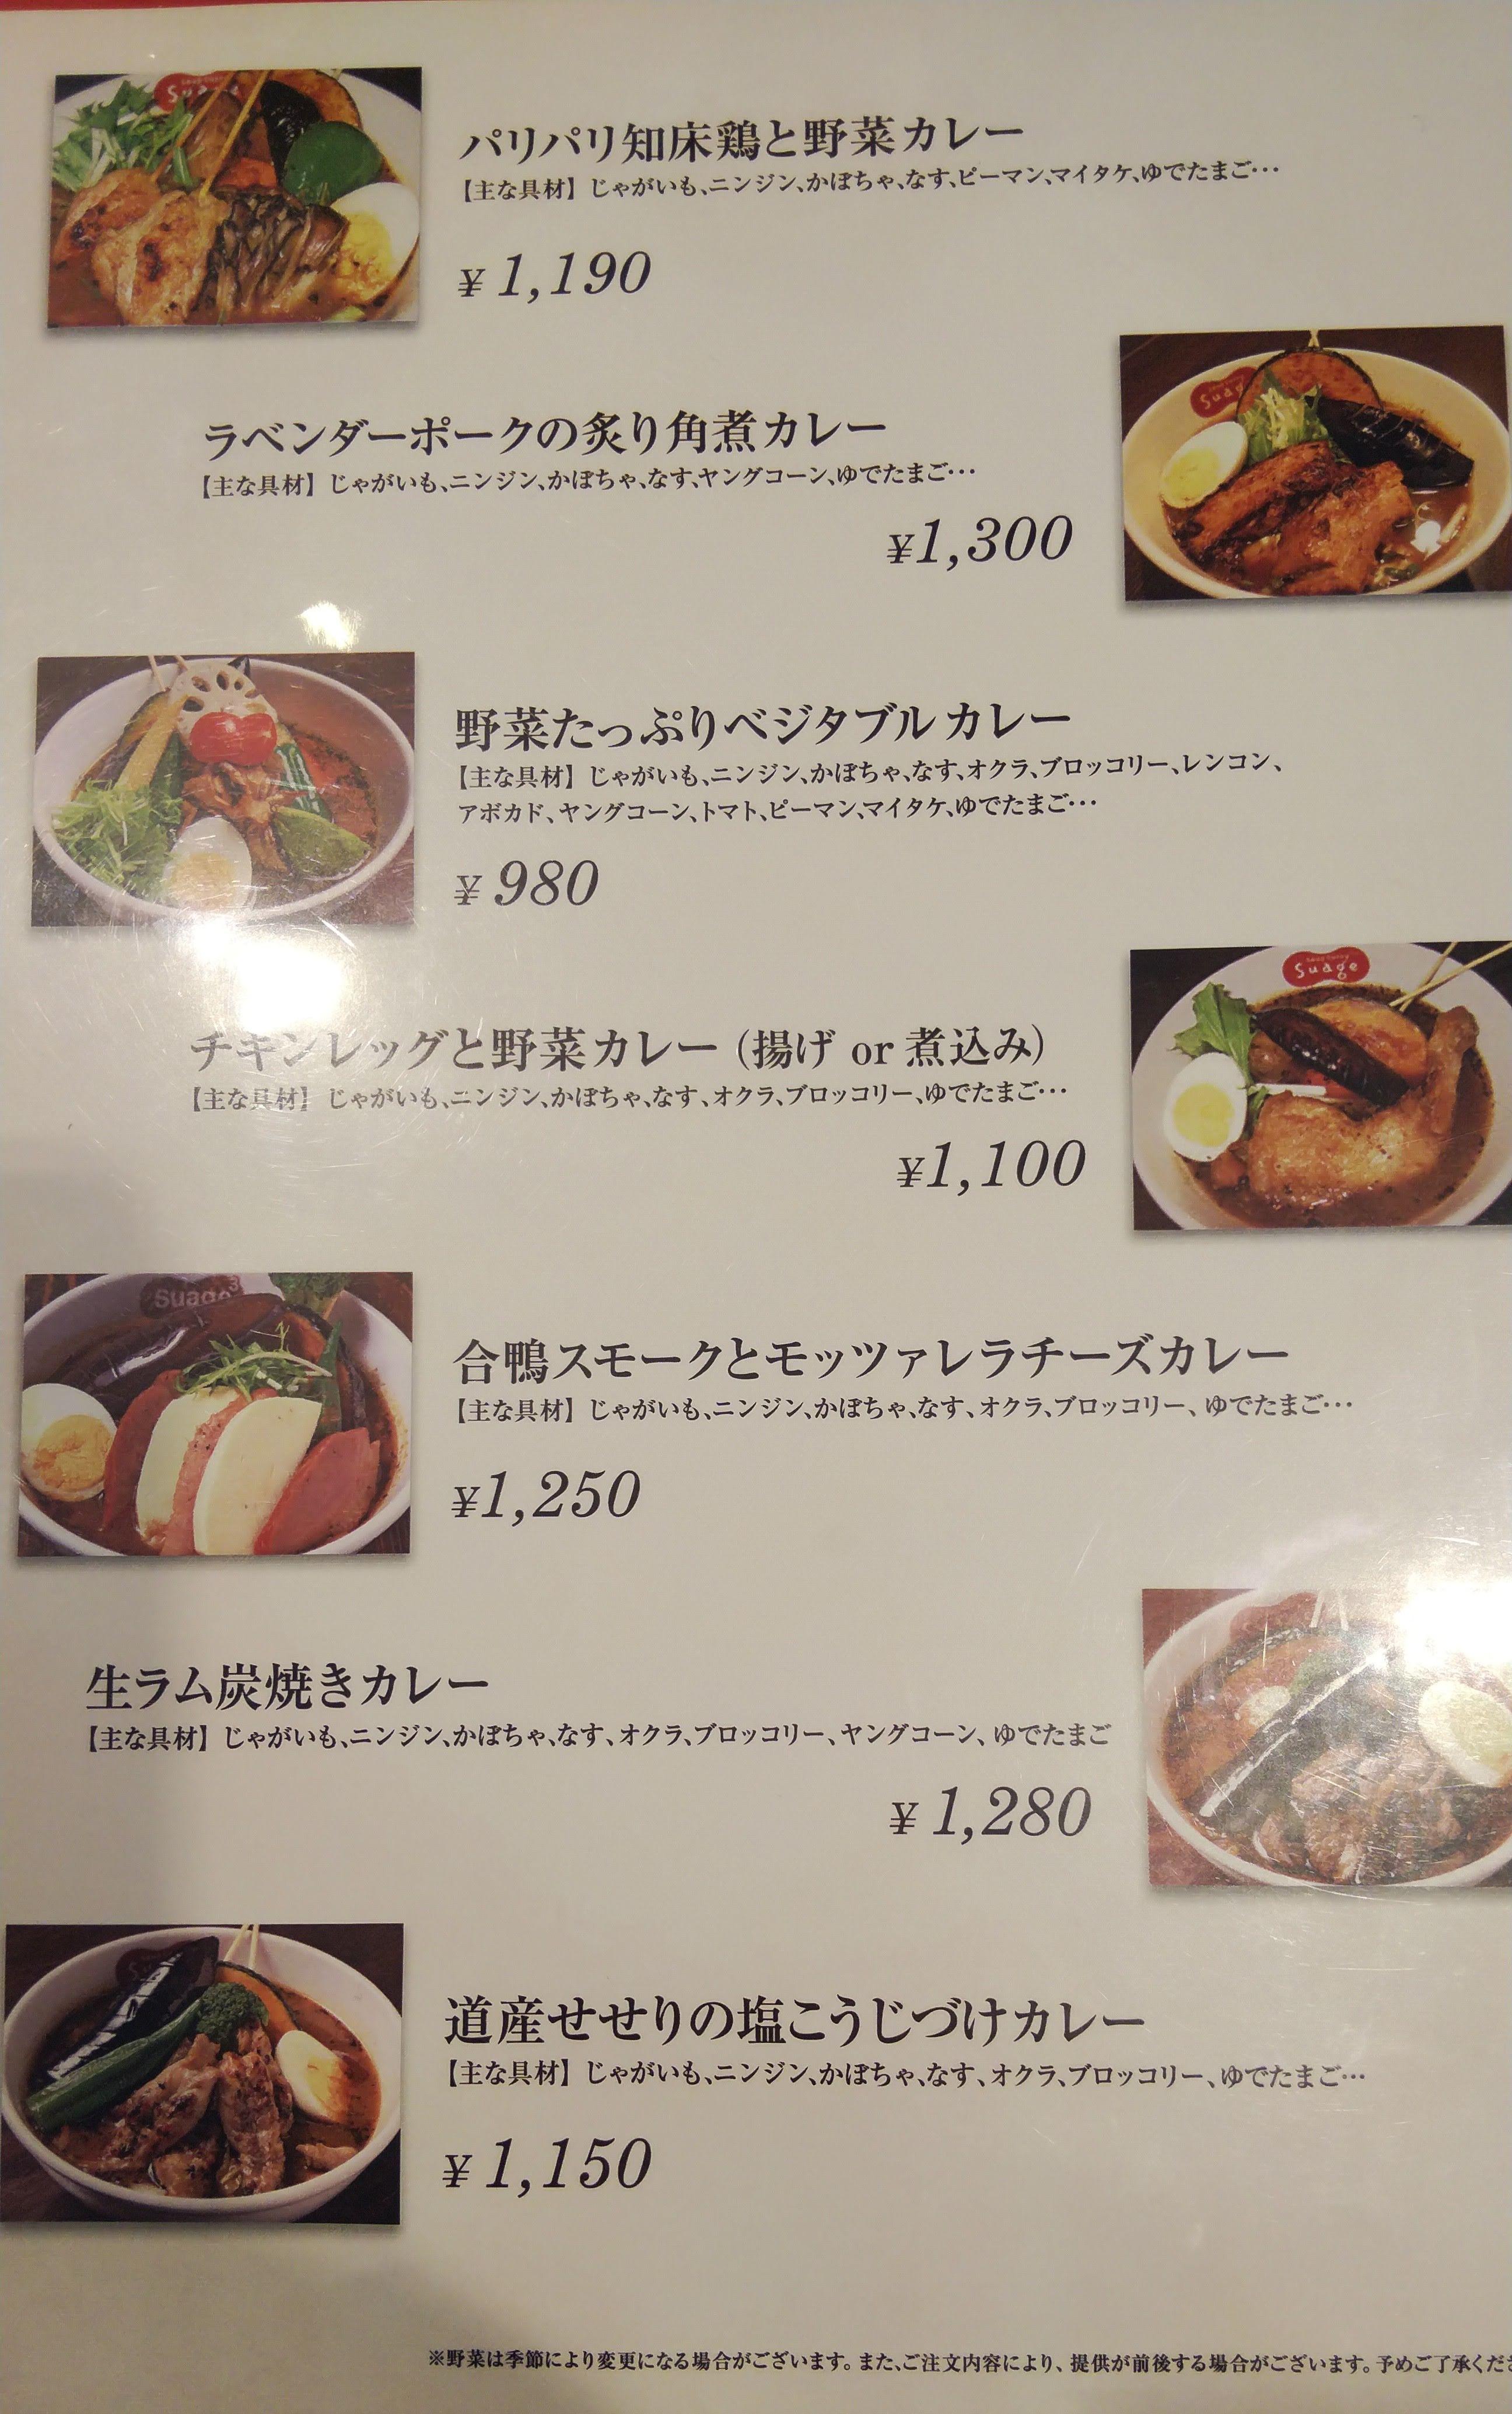 スープカレーのメニュー表左側